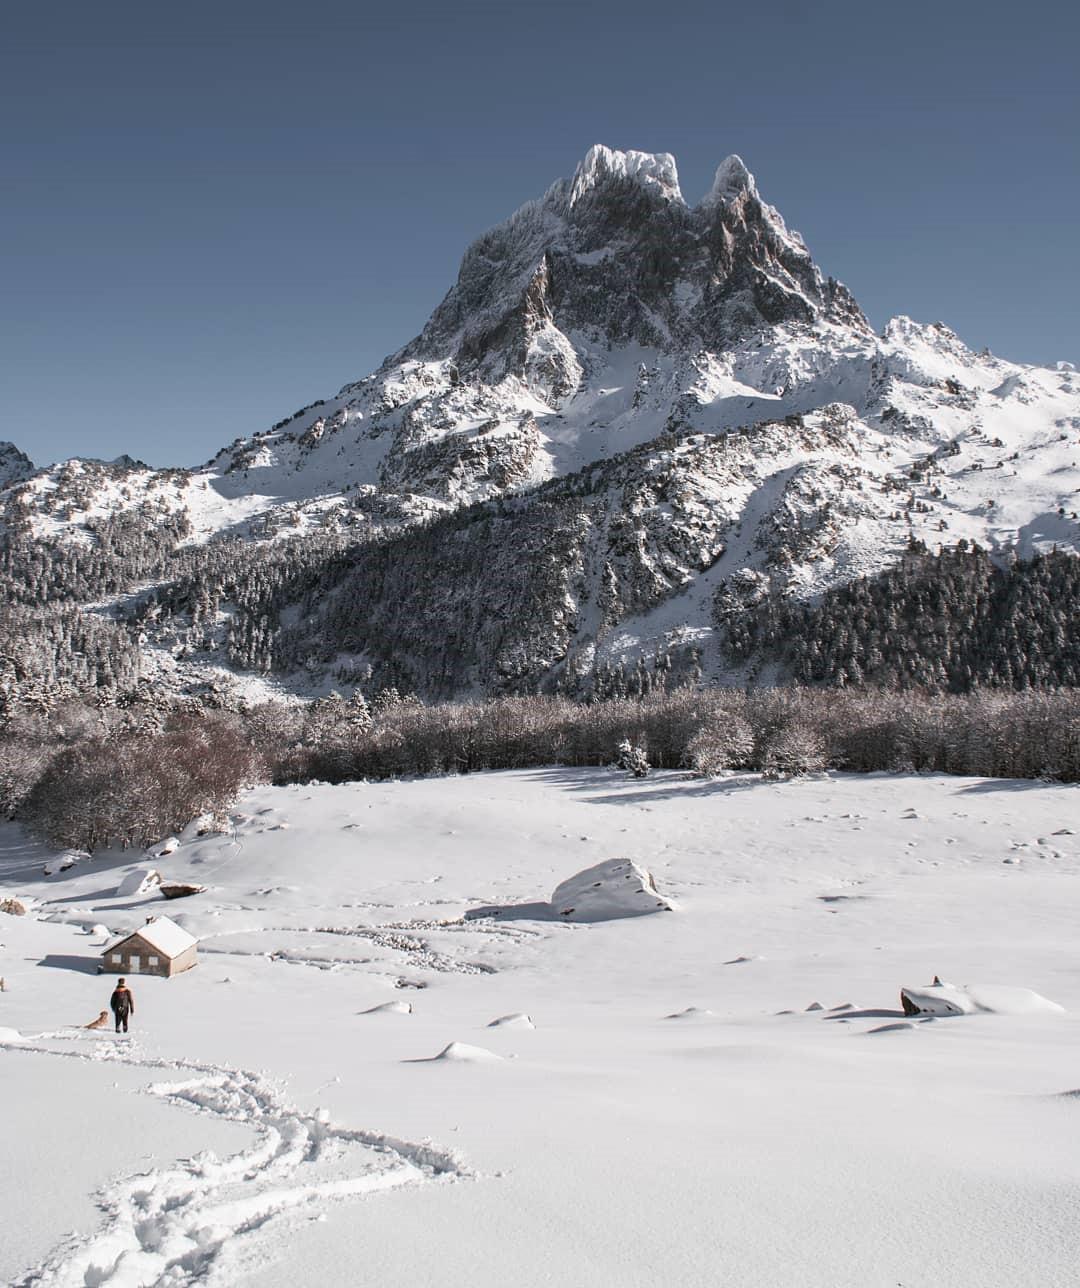 Fotografía montaña Pirineos by @xavitacons